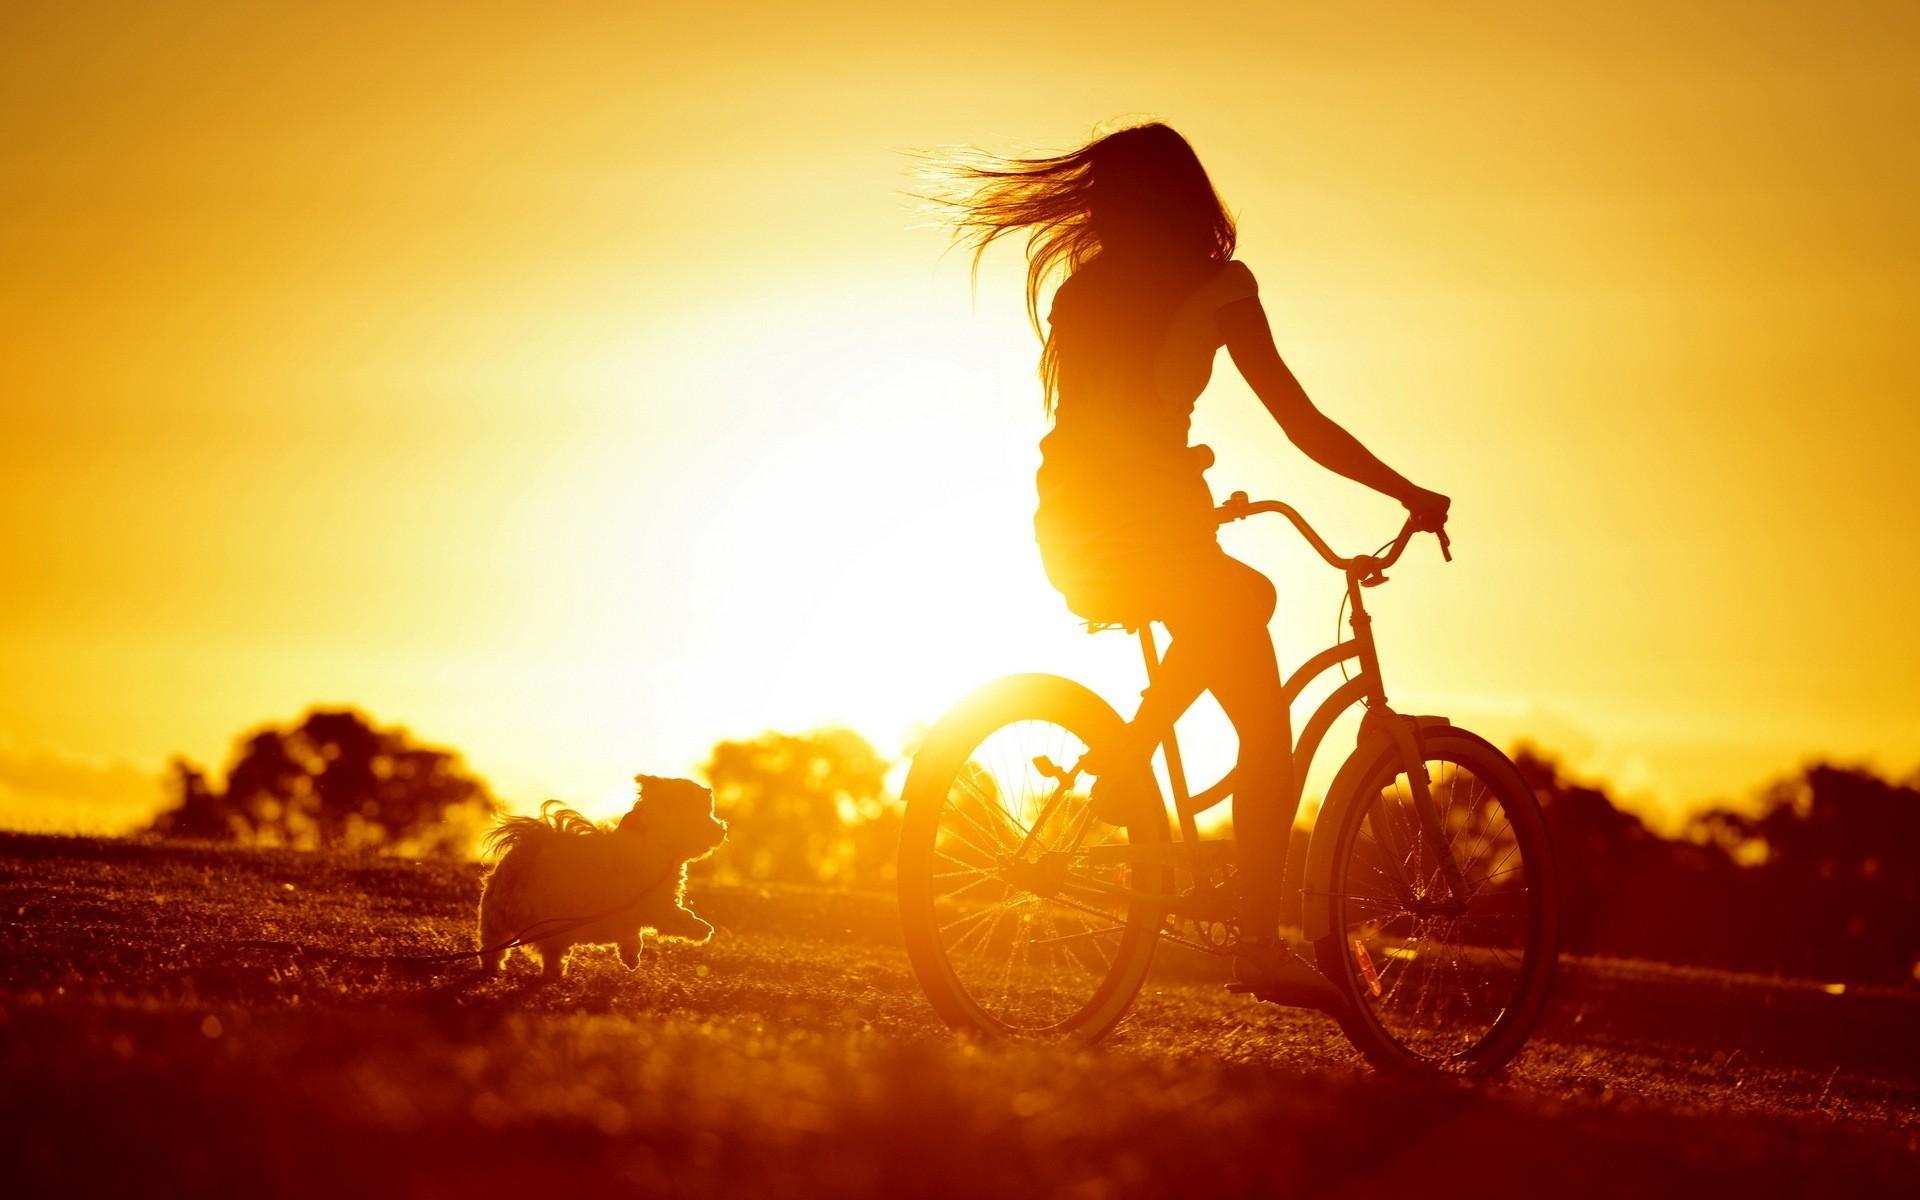 девушка парень велосипед любовь без смс